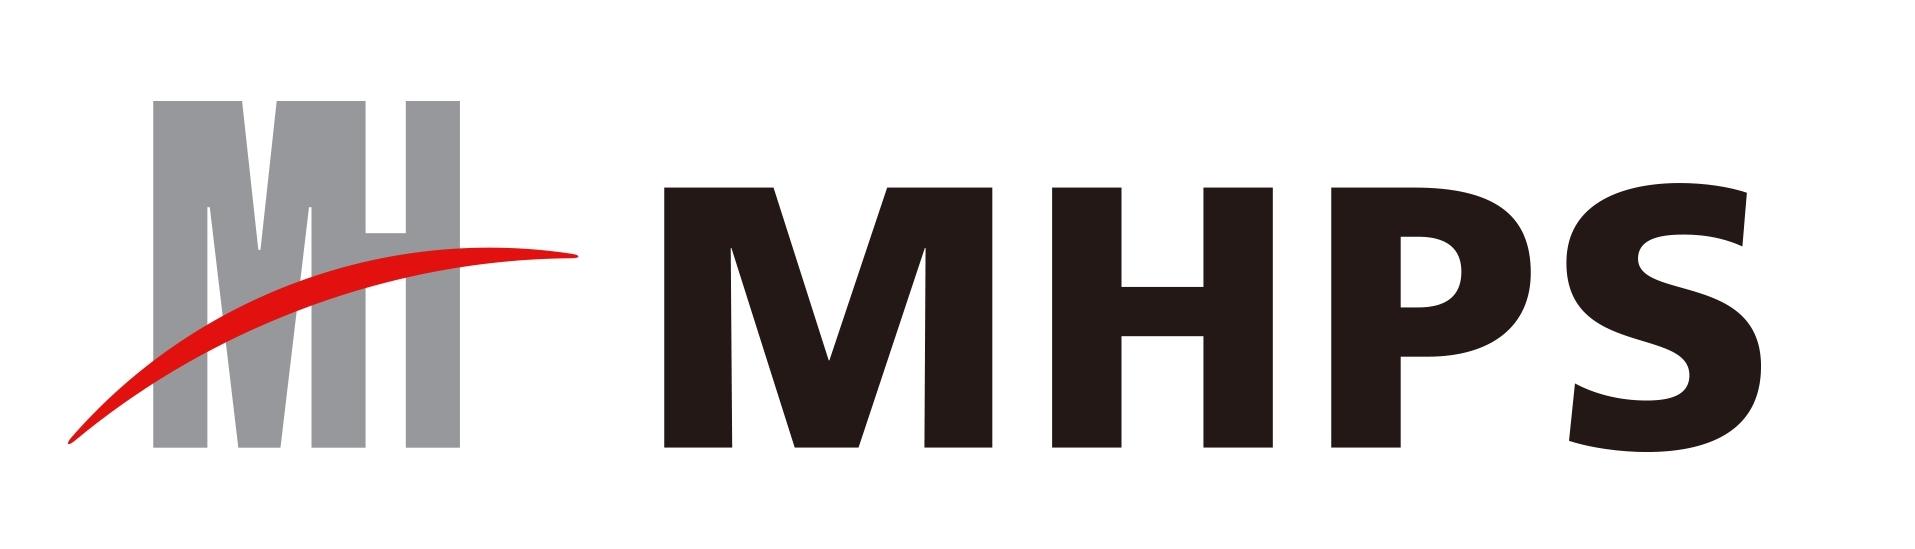 MHPS testet erfolgreich hocheffiziente mit 30%igem ...